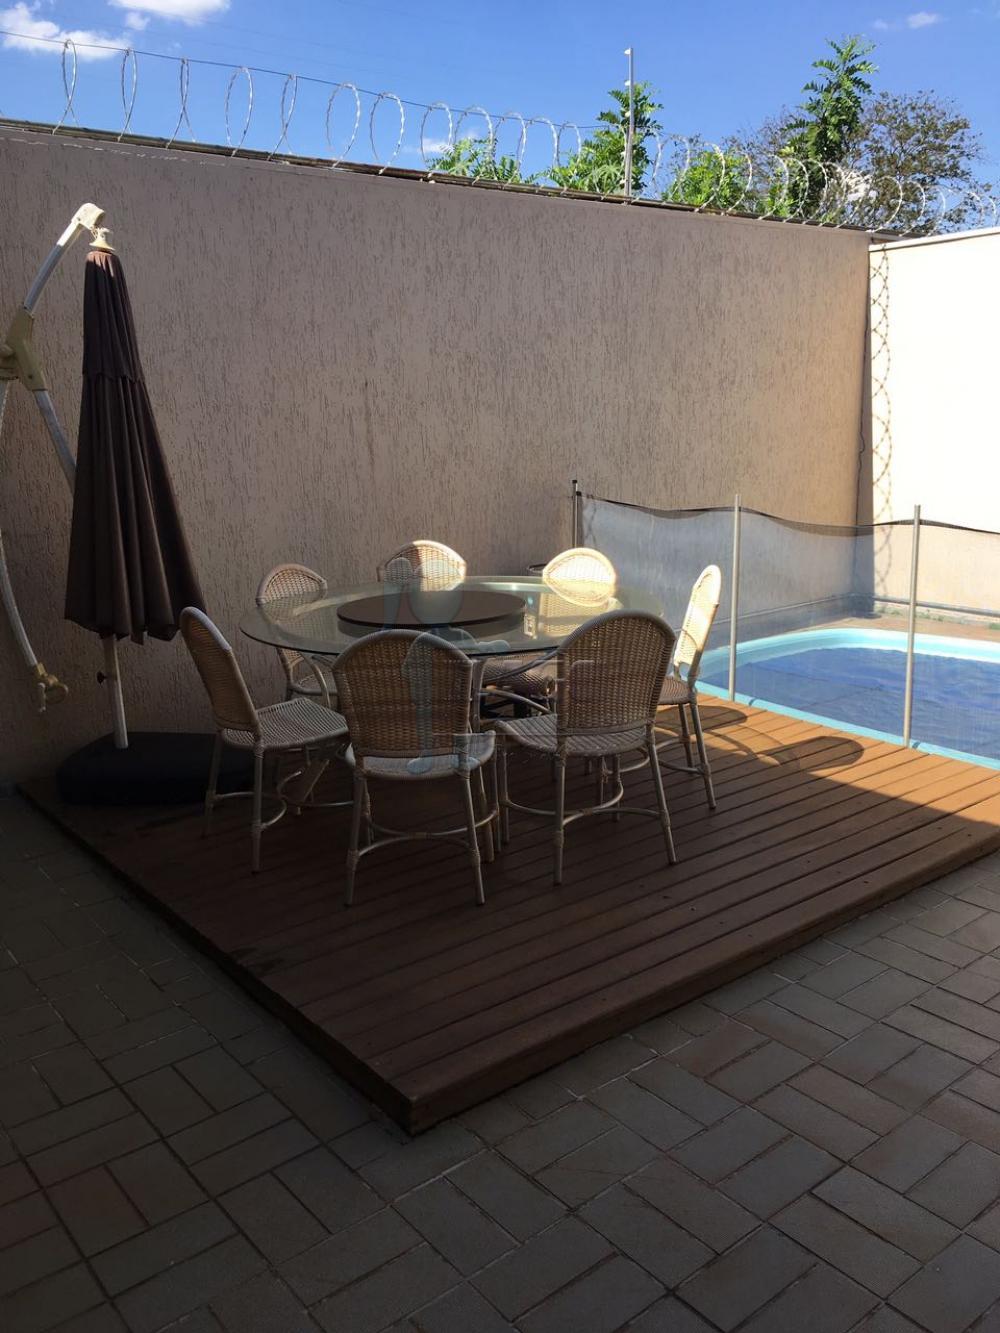 Comprar Casas / Condomínio em Ribeirão Preto apenas R$ 750.000,00 - Foto 29